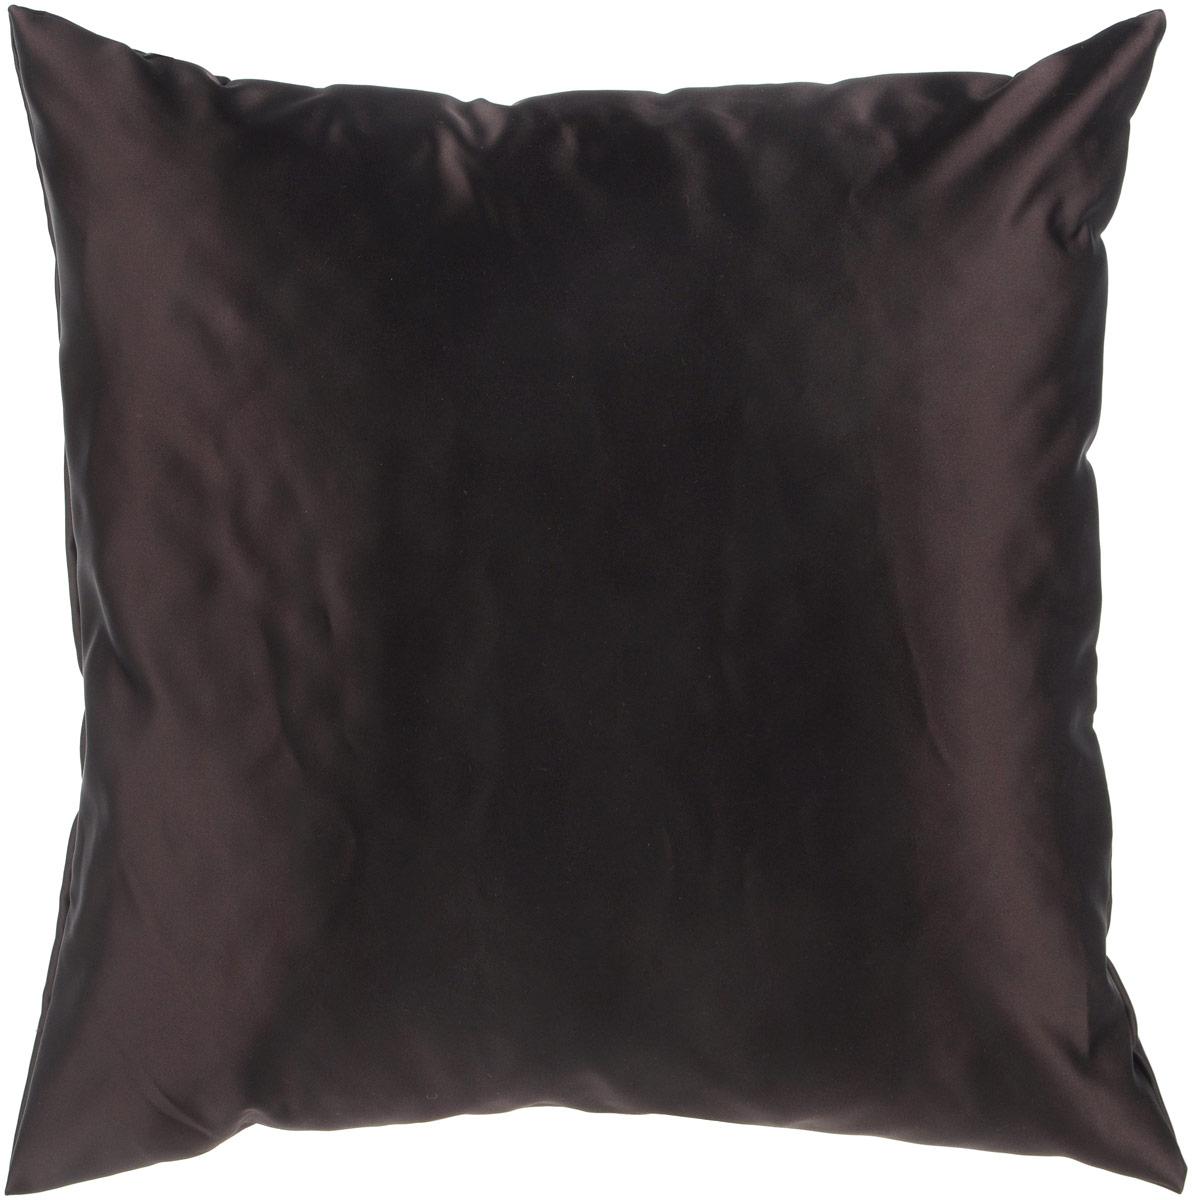 Подушка декоративная KauffOrt Крем, цвет: шоколадный, 40 x 40 см3121300639Декоративная подушка Крем прекрасно дополнит интерьер спальни или гостиной. Шелковый на ощупь чехол подушки выполнен из прочного полиэстера. Внутри находится мягкий наполнитель. Чехол легко снимается благодаря потайной молнии.Красивая подушка создаст атмосферу уюта и комфорта в спальне и станет прекрасным элементом декора.